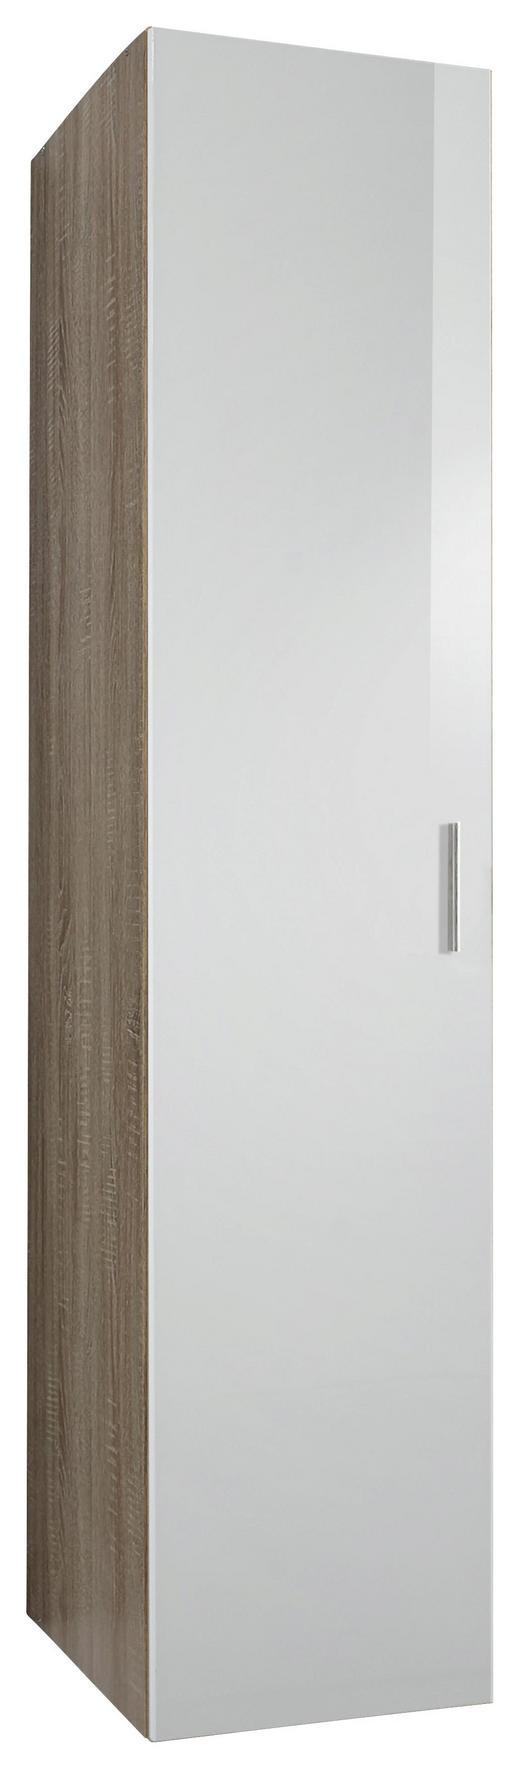 GARDEROBENSCHRANK 40/185/54 cm - Chromfarben/Eichefarben, Design, Holzwerkstoff/Kunststoff (40/185/54cm) - Xora